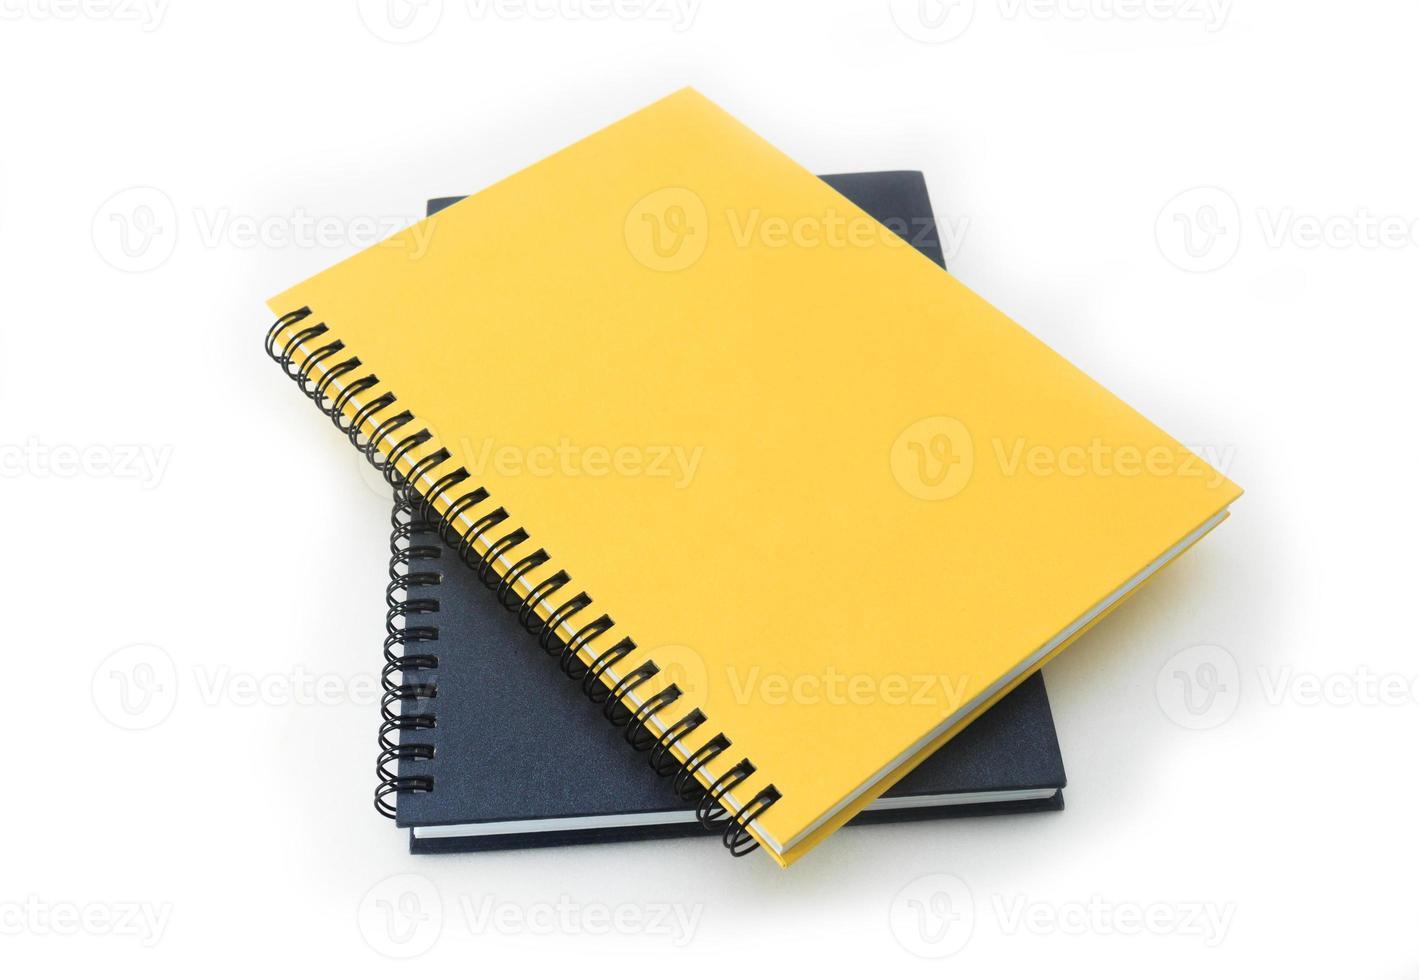 Stapel Ringbuch oder Notizbuch isoliert auf weiß foto